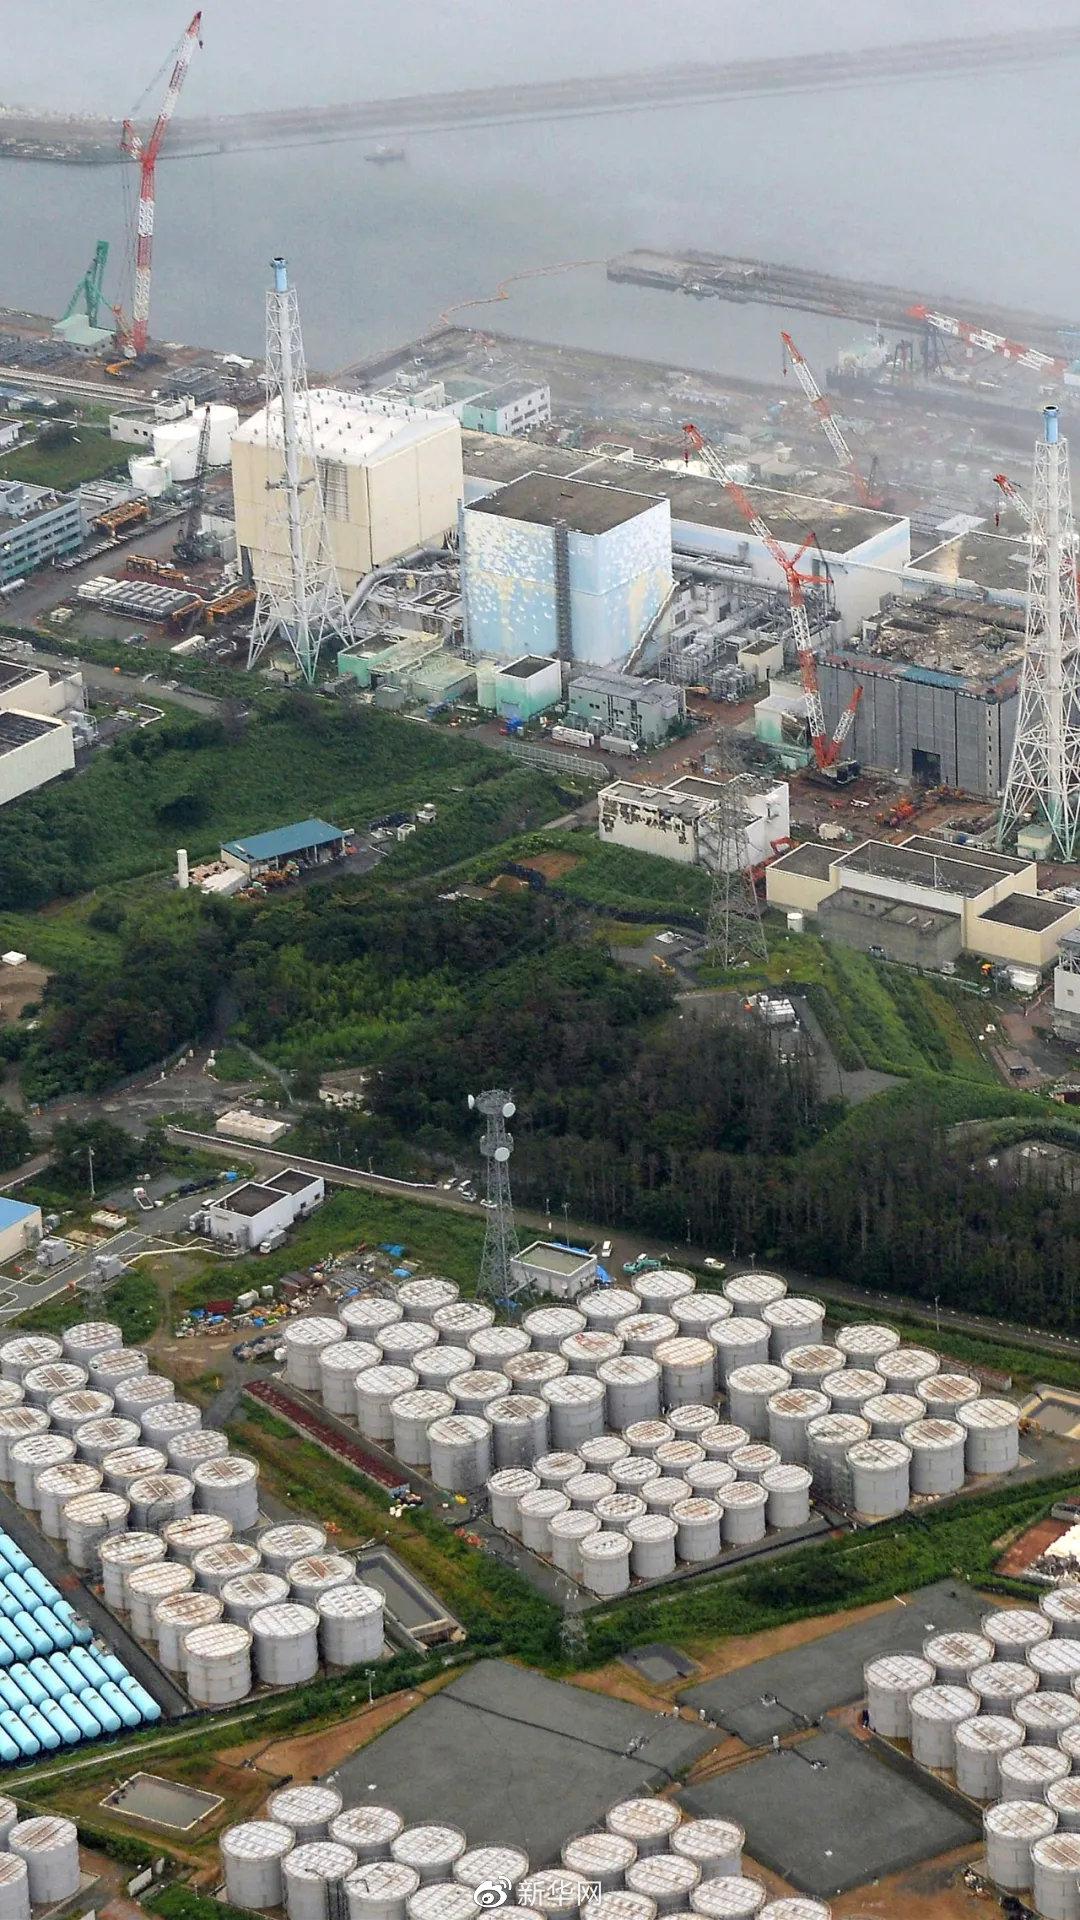 2013年8月20日航拍的日本福岛第一核电站。新华社 资料图